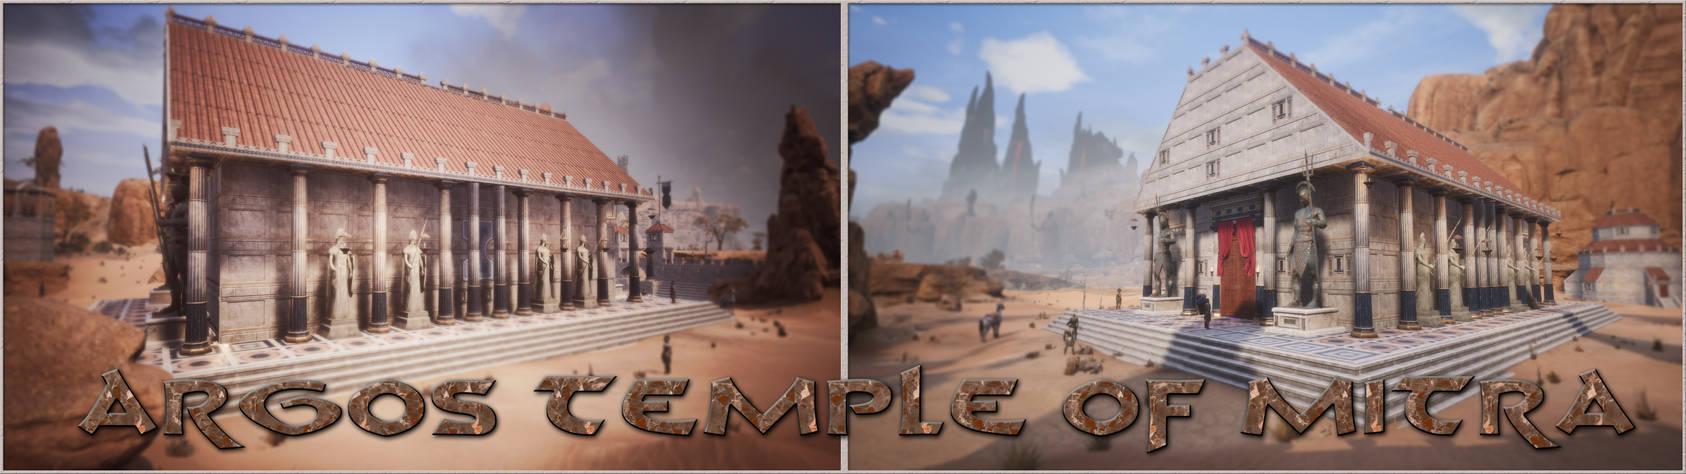 Outside the Temple of Argos - Conan Exiles